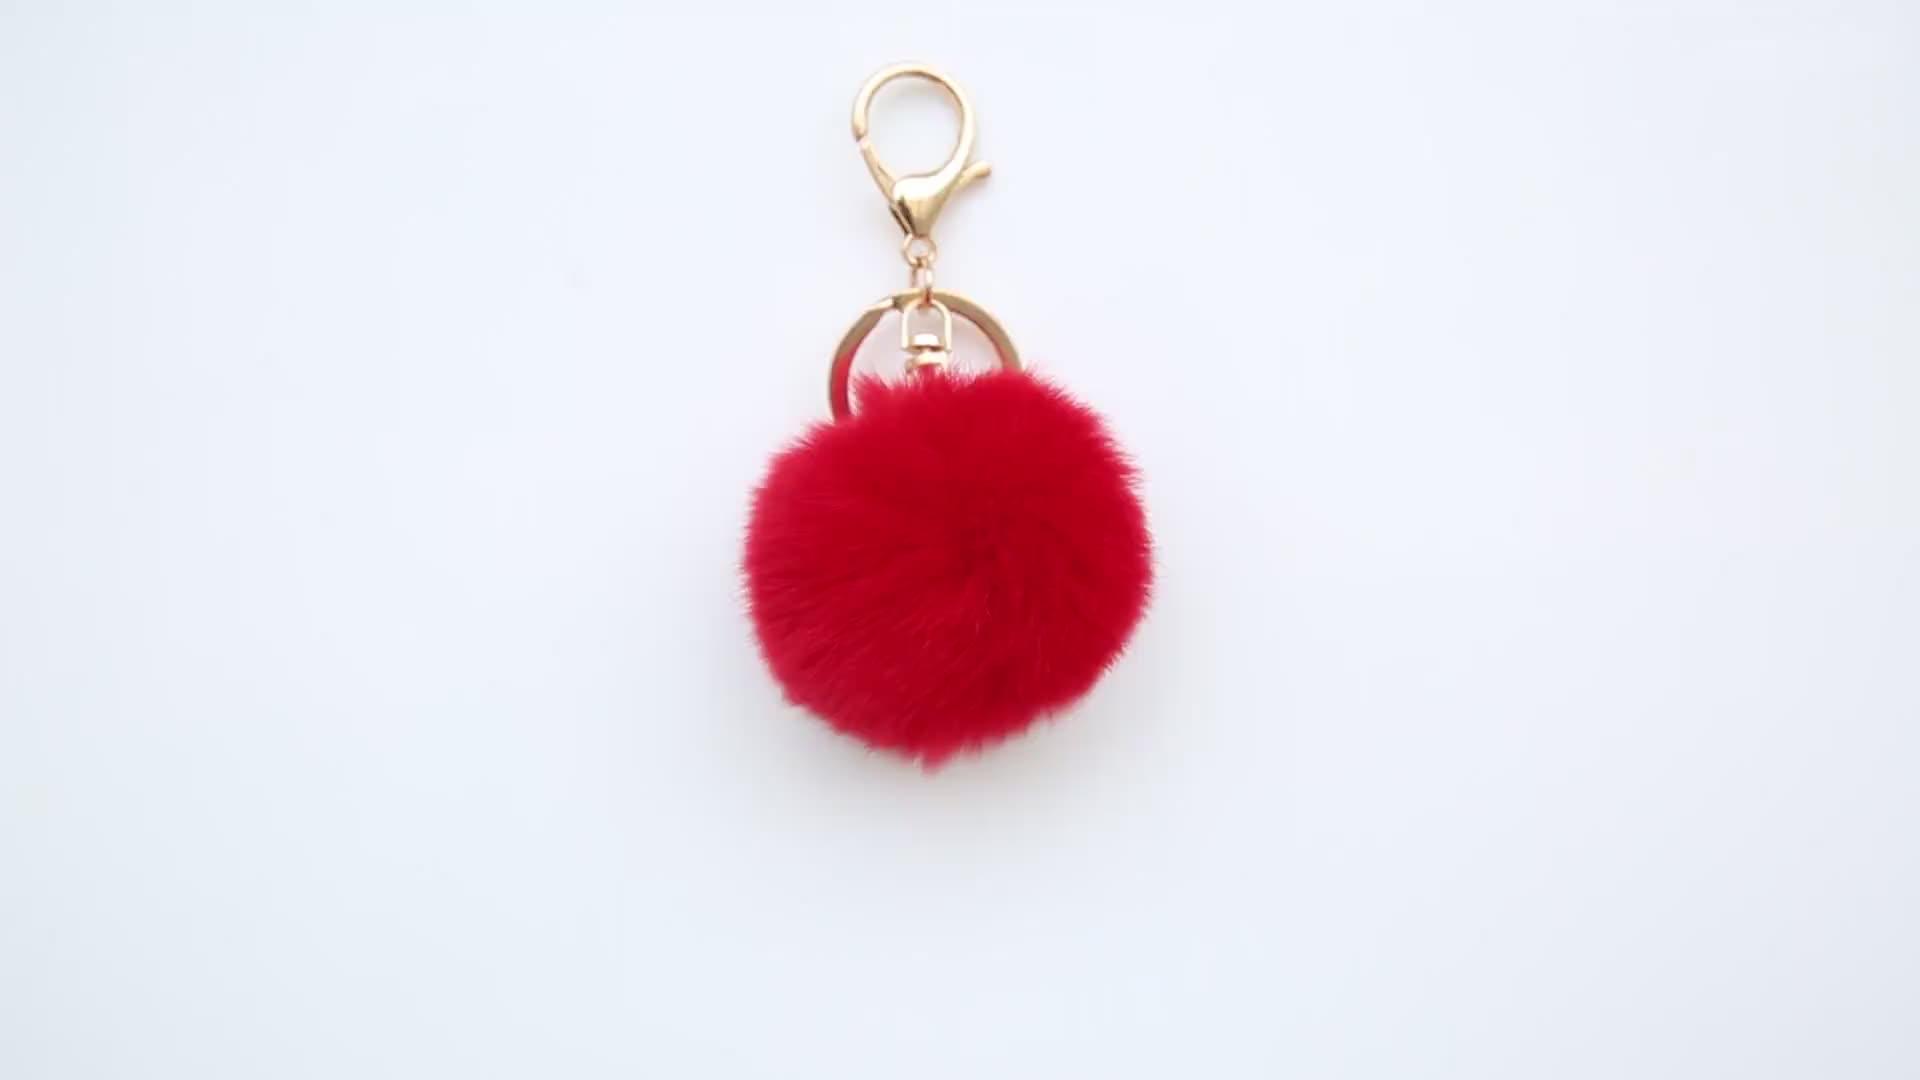 Wholesale Faux Fur Ball With Flamingo Keychain , Fur Pom Poms Key Chain